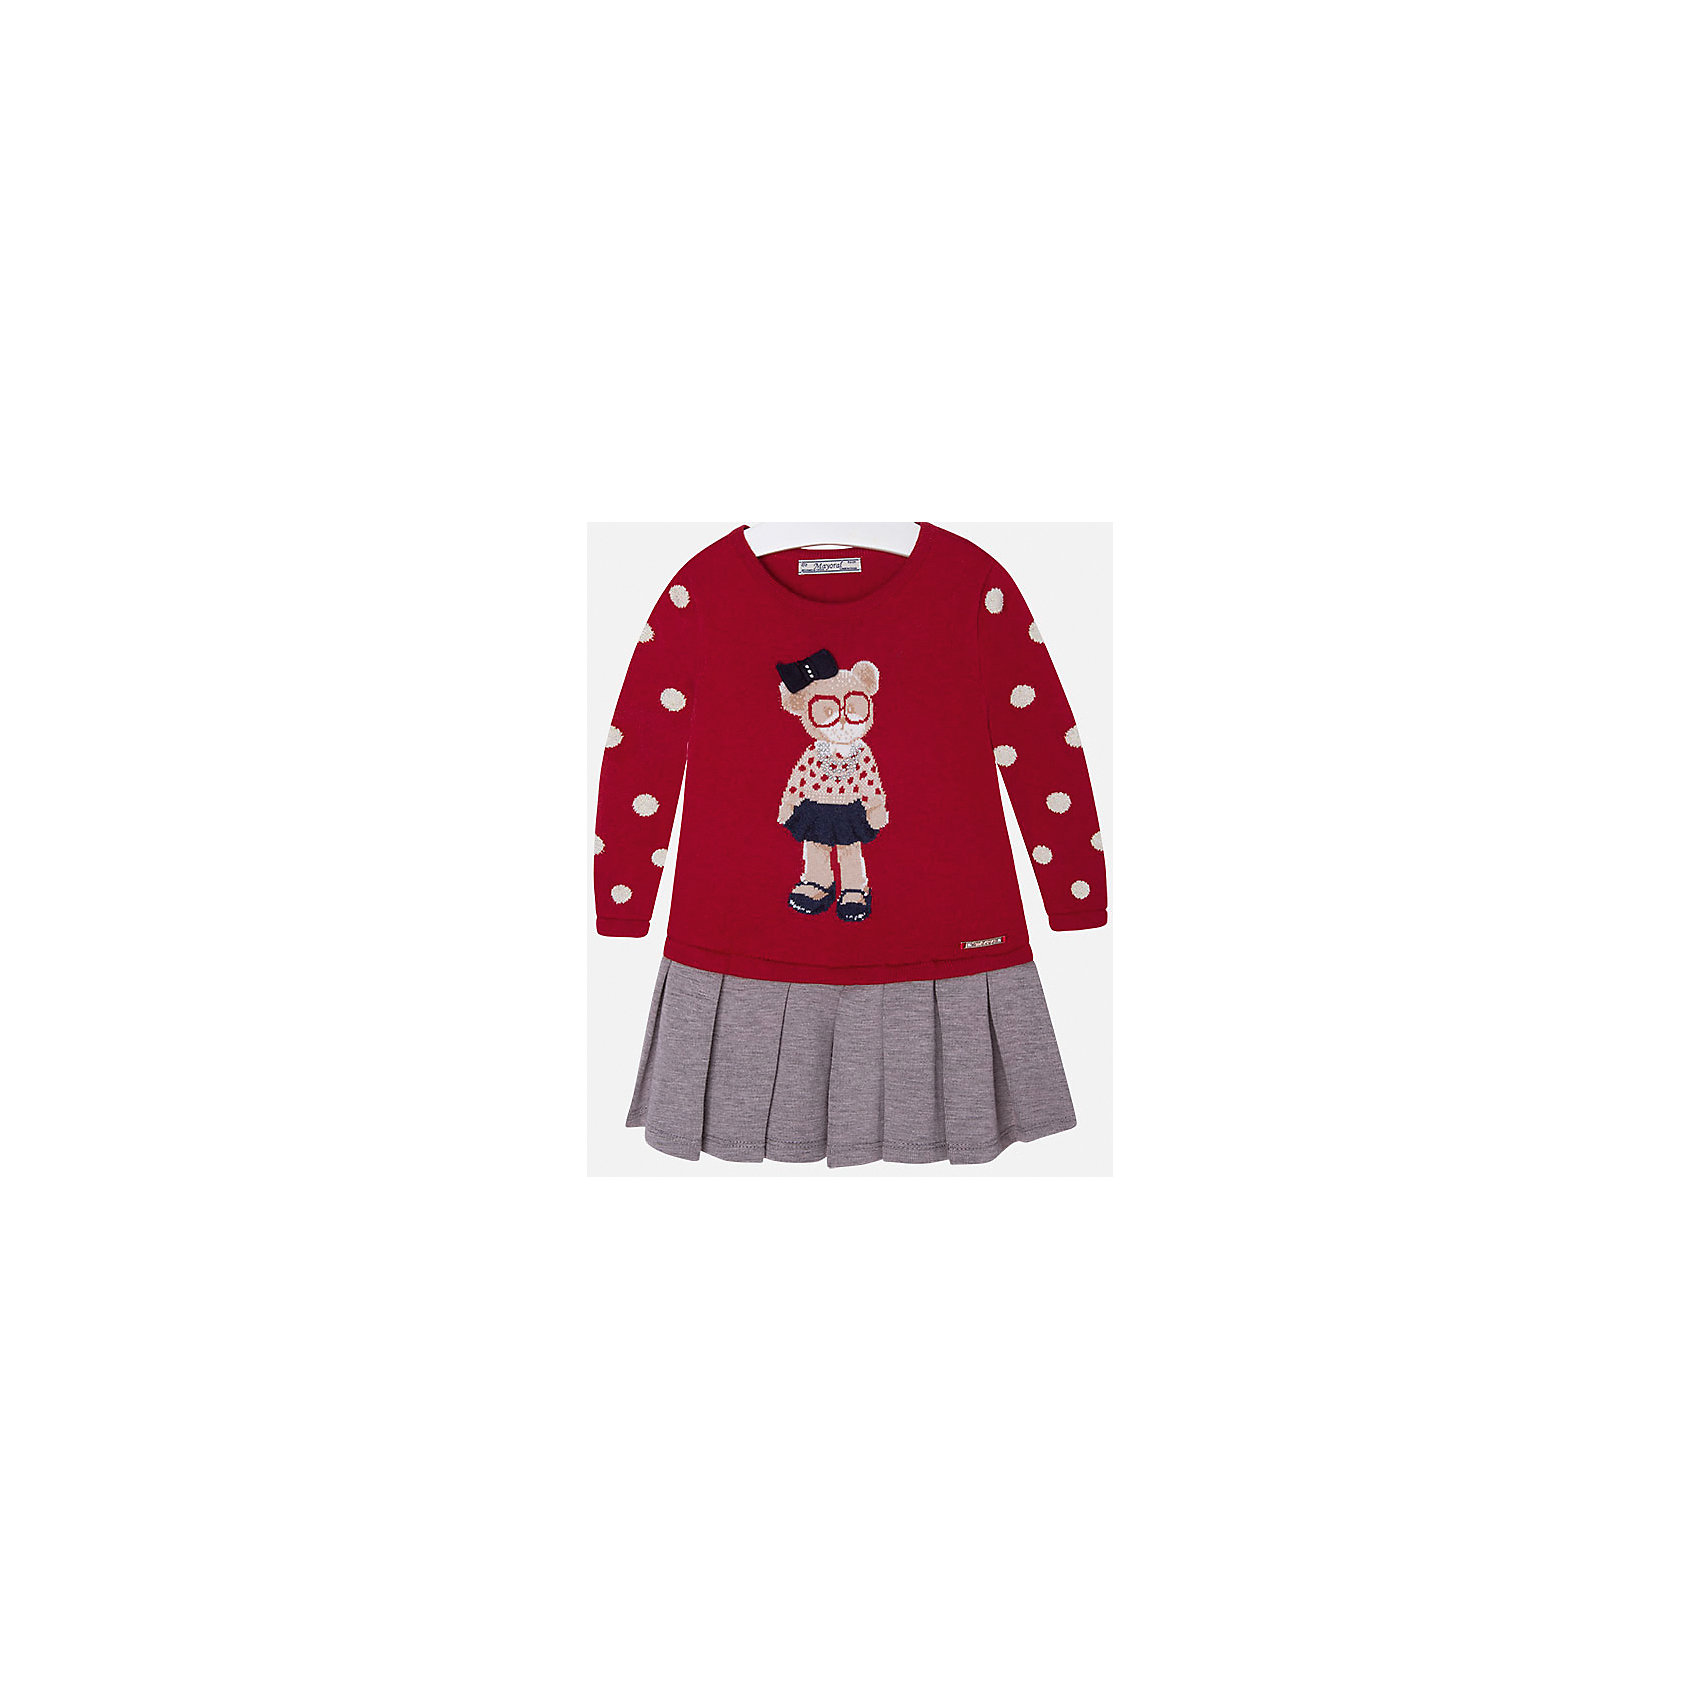 Платье для девочки MayoralПлатья и сарафаны<br>Платье для девочки от известного испанского бренда Mayoral(Майорал). Платье с длинным рукавом, украшено рисунком с медвежонком и стразами. Контрастная расцветка подчеркнет индивидуальность и стиль ребенка. Отличный выбор для маленькой модницы!<br>-длинные рукава<br>-украшено рисунком и стразами<br>-цвет: красный/серый<br>-состав. 57% хлопок, 22% полиамид, 13% полиэстер, 8% шерсть; подкладка: 65% полиэстер, 35% хлопок<br>Платье Mayoral(Майорал) можно приобрести в нашем интернет-магазине.<br><br>Ширина мм: 236<br>Глубина мм: 16<br>Высота мм: 184<br>Вес г: 177<br>Цвет: красный<br>Возраст от месяцев: 72<br>Возраст до месяцев: 84<br>Пол: Женский<br>Возраст: Детский<br>Размер: 122,128,92,116,110,134,98,104<br>SKU: 4844441